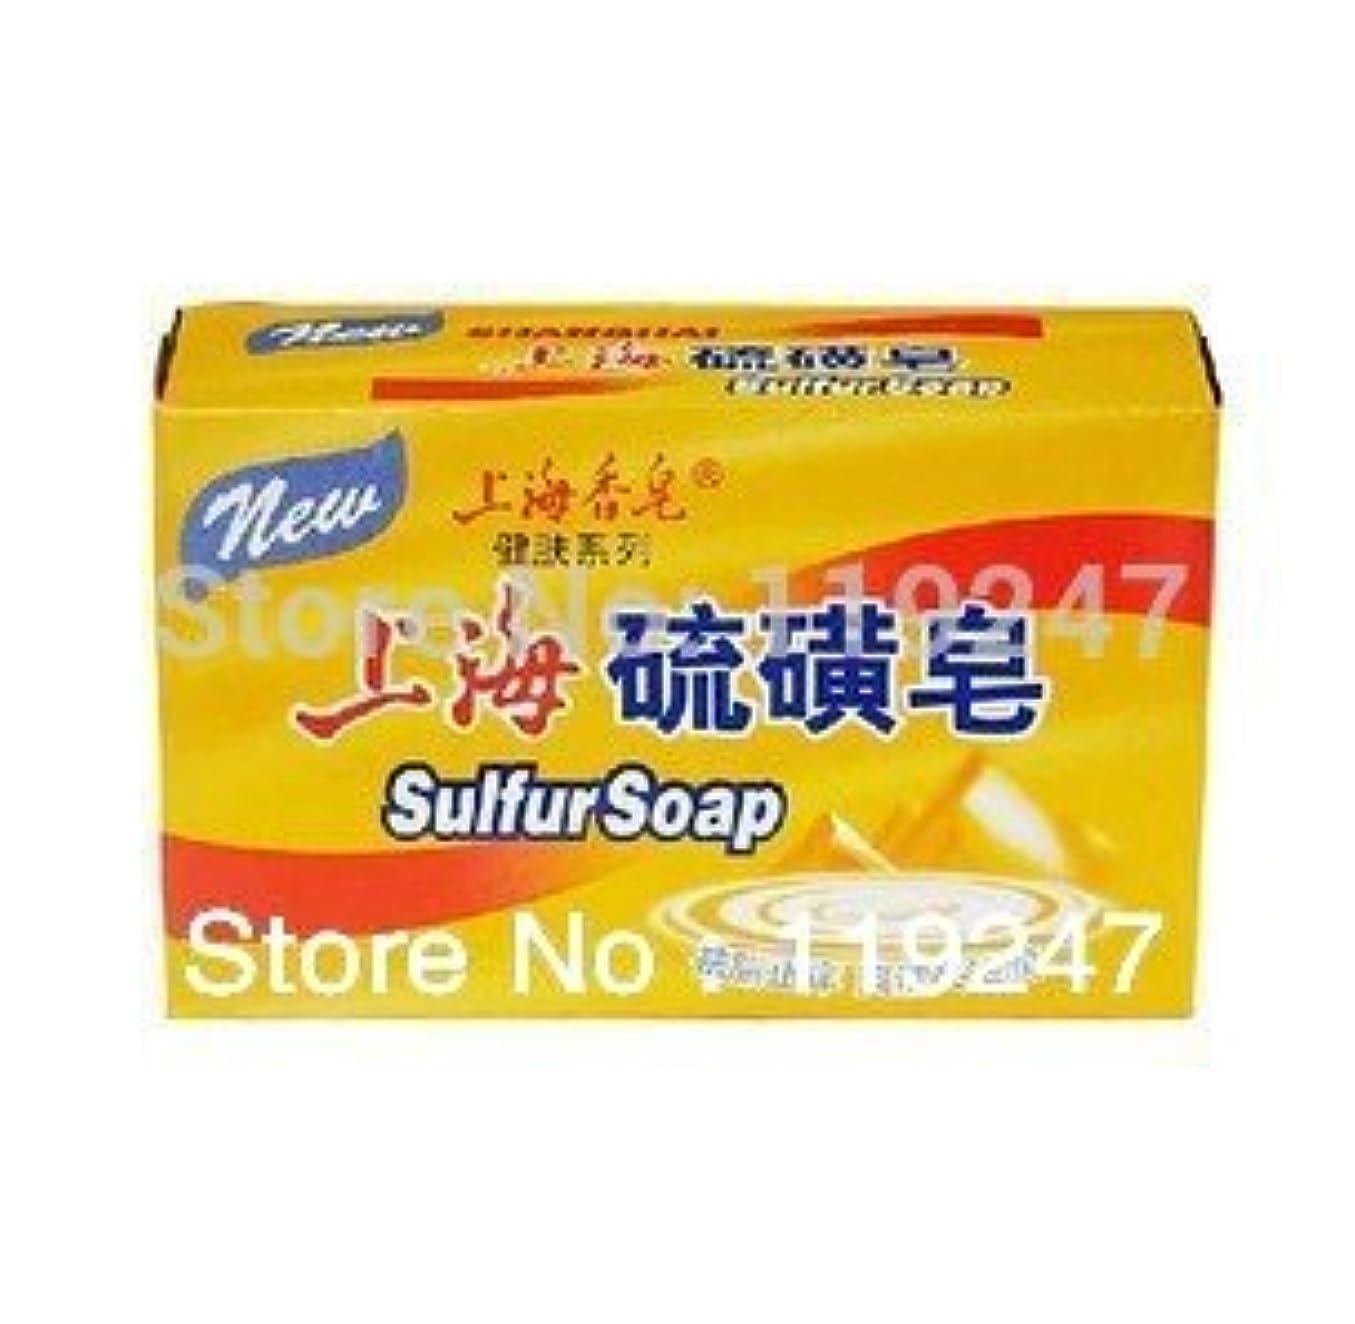 許容できるホット役に立たないLorny (TM) 上海硫黄石鹸アンチ菌ダニ、ストップかゆみ125グラム格安 [並行輸入品]